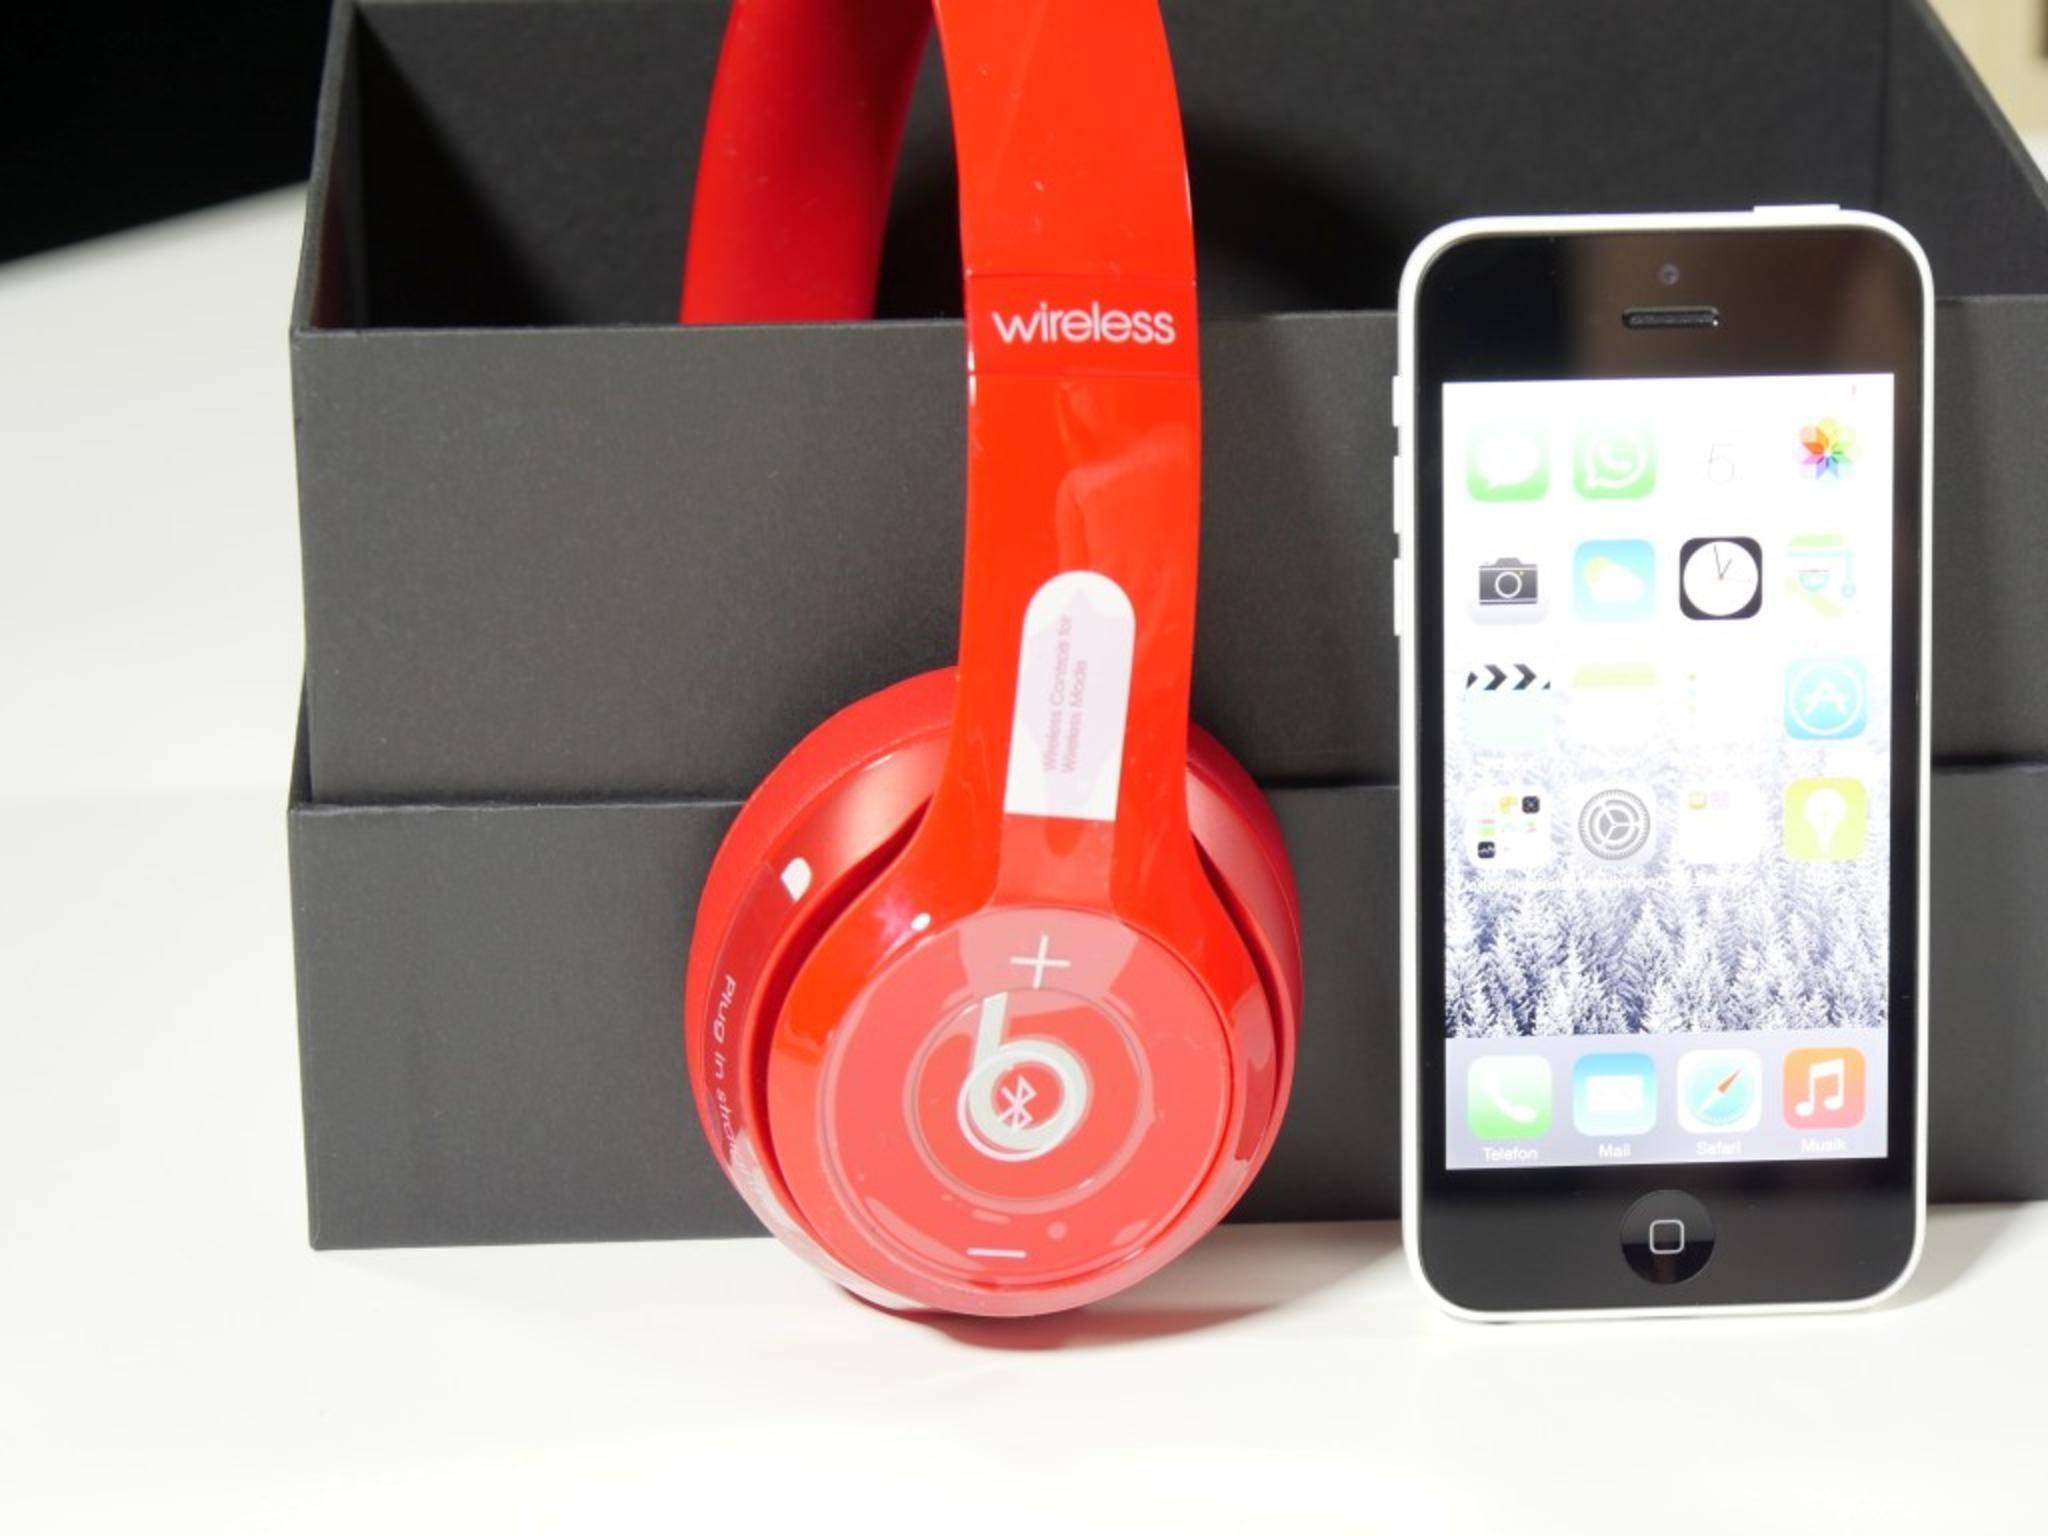 Wie Apple sieht sich auch Beats als Hersteller von teuren Premium-Produkten.